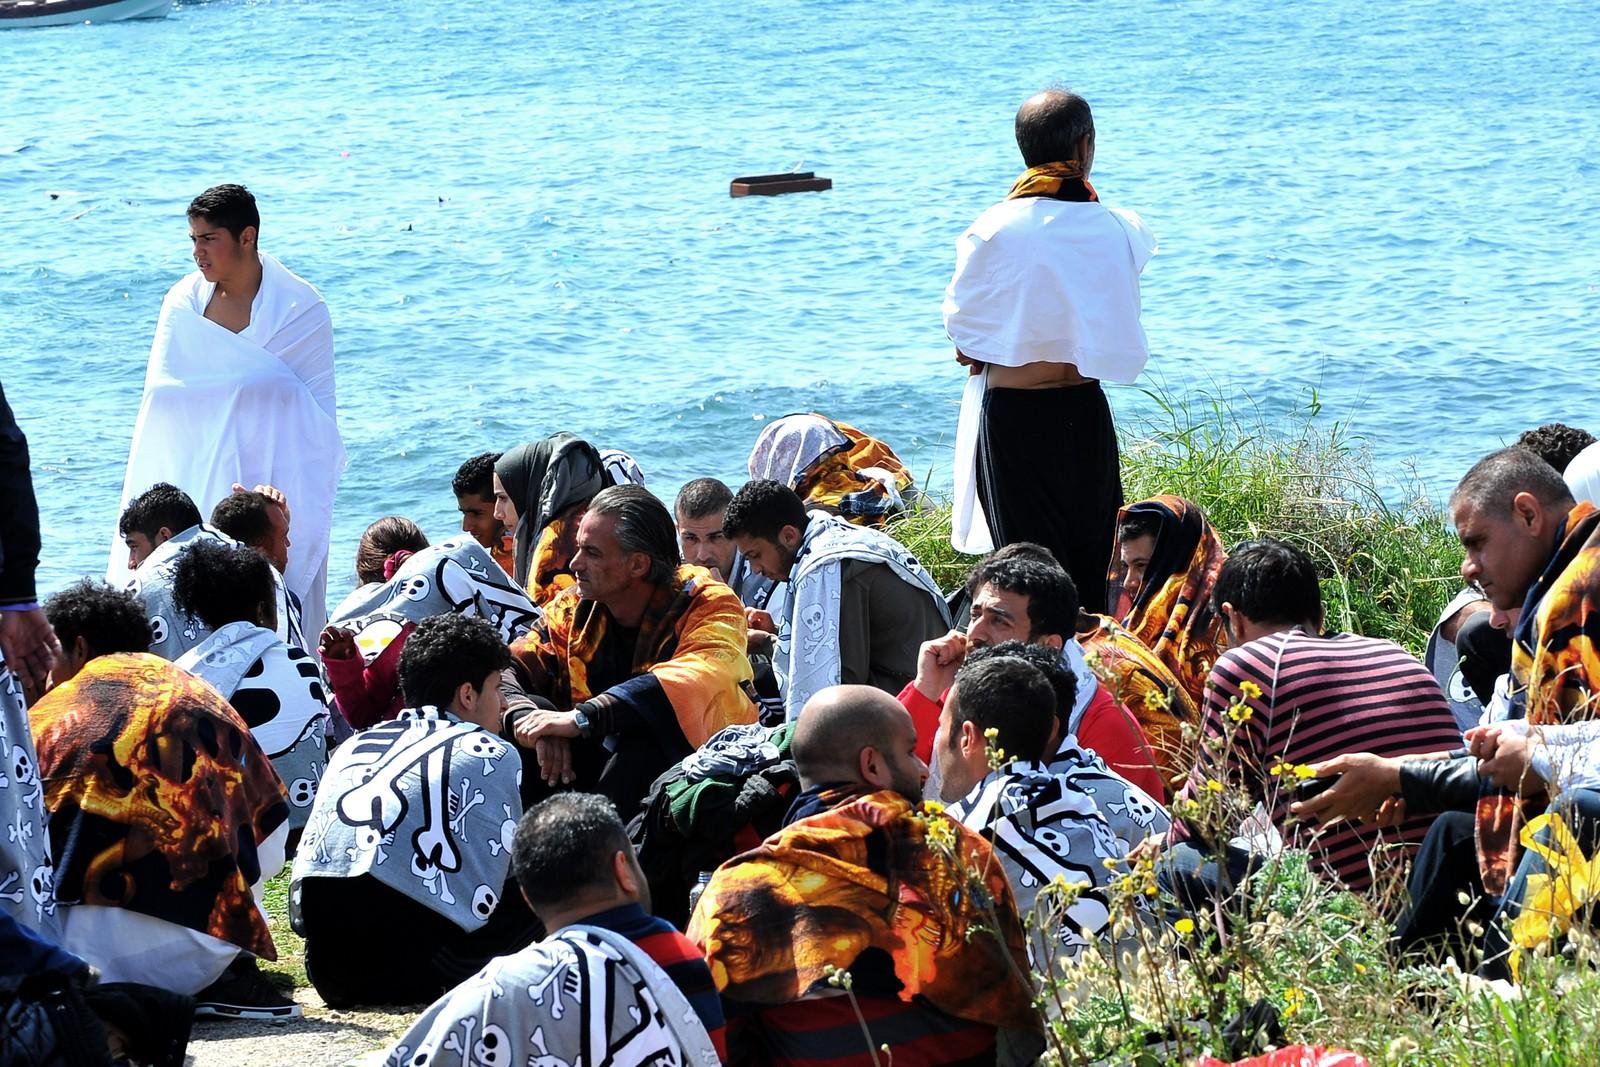 Iført strandhåndklær venter båtflyktningene som reddet livet, på hva som skal skje med dem. Rhodos 20. april 2015.